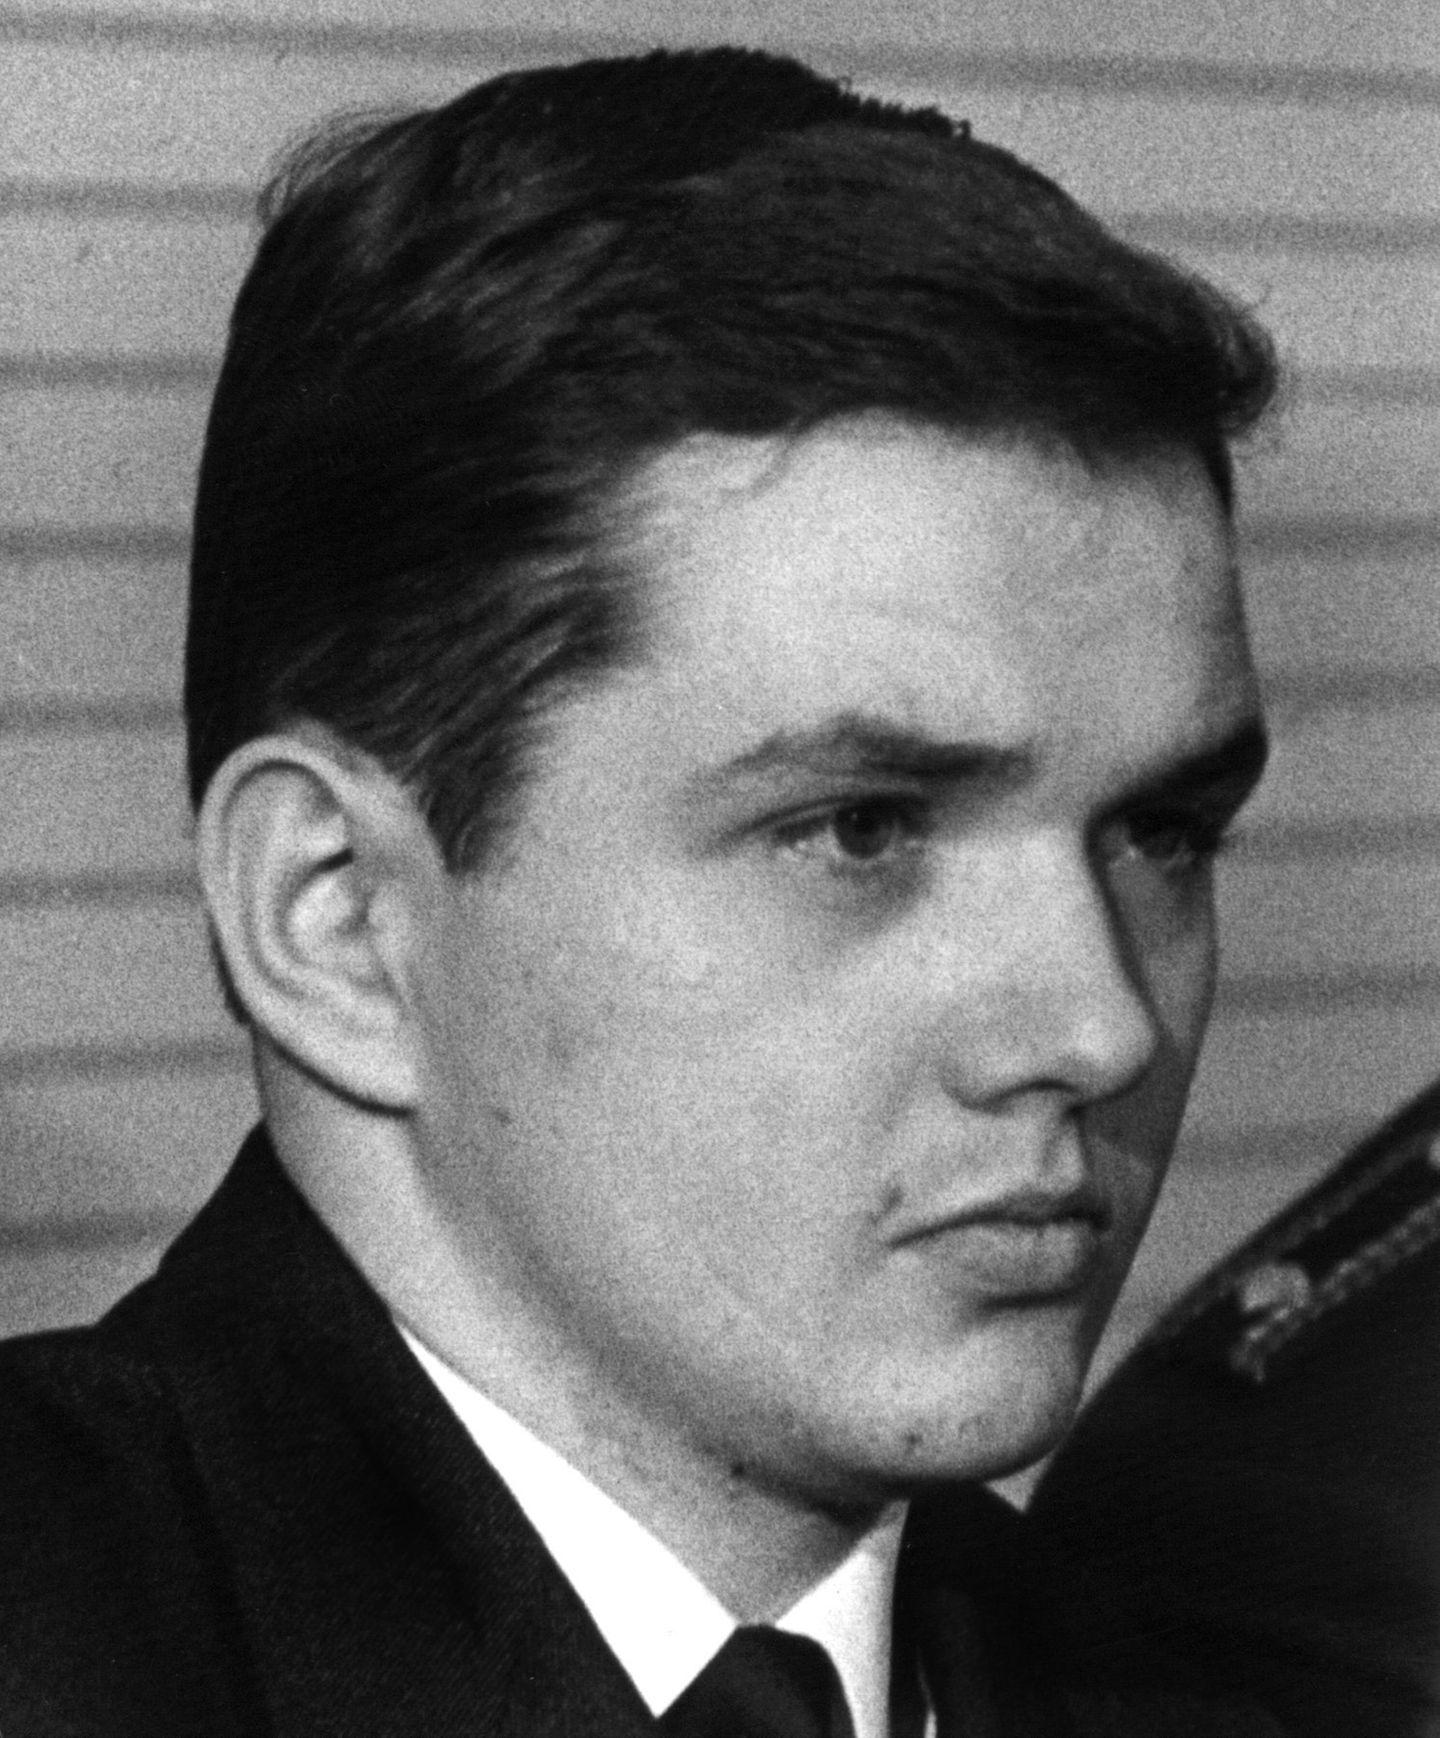 Der Serienmörder Jürgen Bartsch